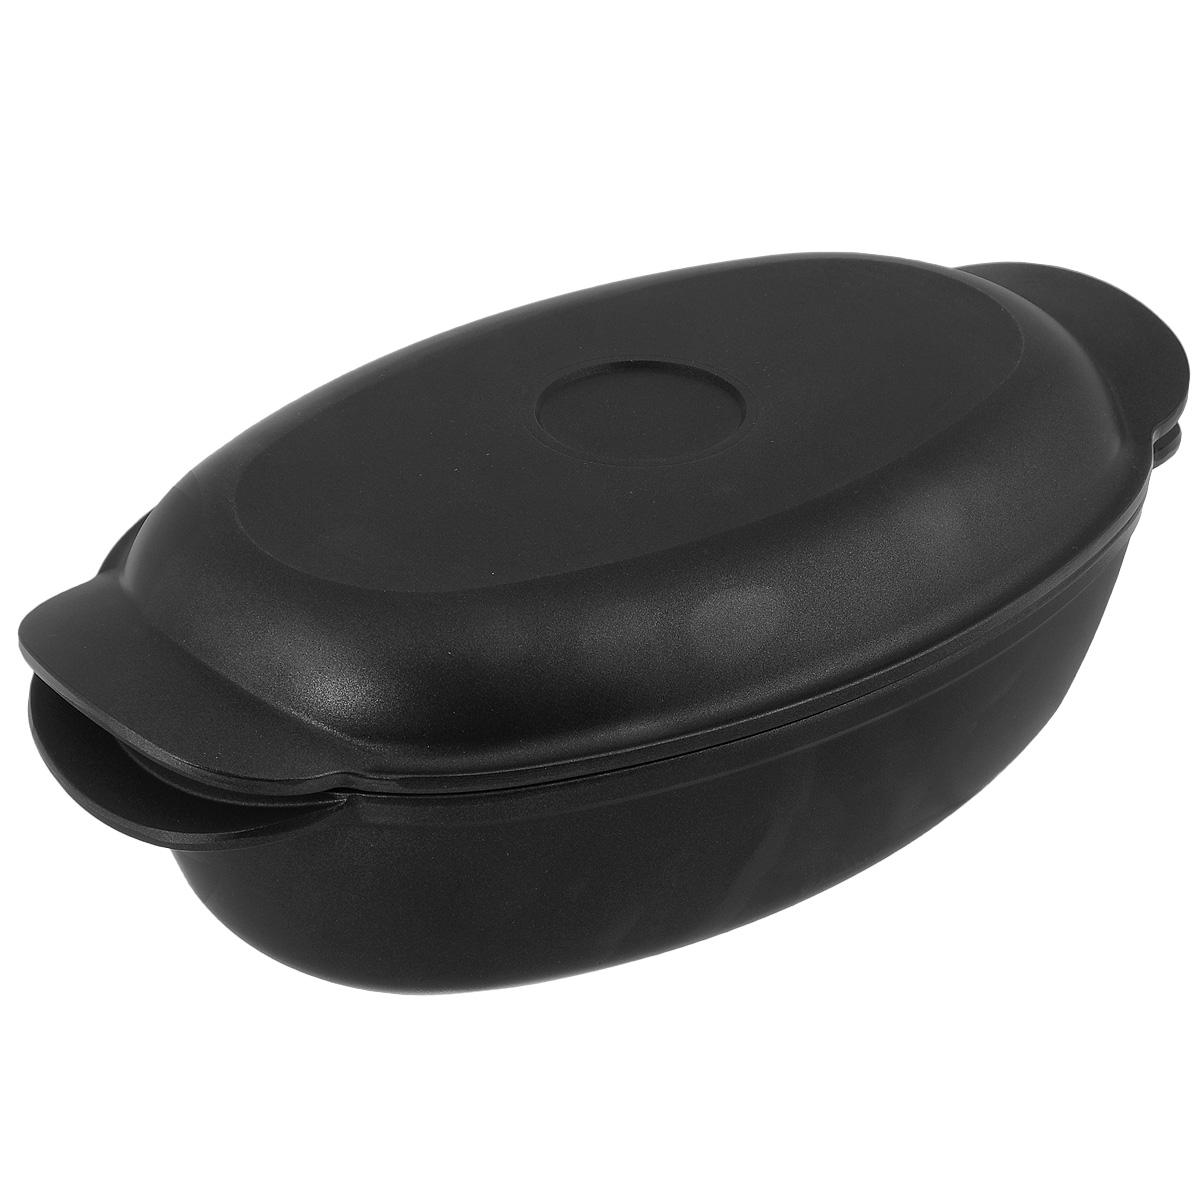 Утятница литая Нева посуда, с крышкой-сковородой, с антипригарным покрытием, цвет: черный, 3 л54 009312Утятница Нева посуда изготовлена из литого алюминия с антипригарным покрытием. Утятница отличается многофункциональностью. Благодаря особой конструкции корпуса в ней замечательно готовить томленые блюда. Крышку утятницы можно использовать как сковороду.Преимущества утятницы Нева посуда: - равномерно нагревается, долго удерживает тепло, создавая эффект томления, как в чугунной посуде; - сохраняет вкусовые качества и полезные свойства продуктов; - не подвержена деформации; - легко моется; - антипригарное покрытие на водной основе позволяет готовить с минимальным количеством масла. Подходит для газовой, электрической и стеклокерамической плитам, для духового шкафа. Можно мыть в посудомоечной машине. Объем: 3 литра.Размер утятницы: 31 см х 20 см. Высота стенки: 8,5 см. Размер крышки: 30 см х 19 см.Высота стенки: 3 см.